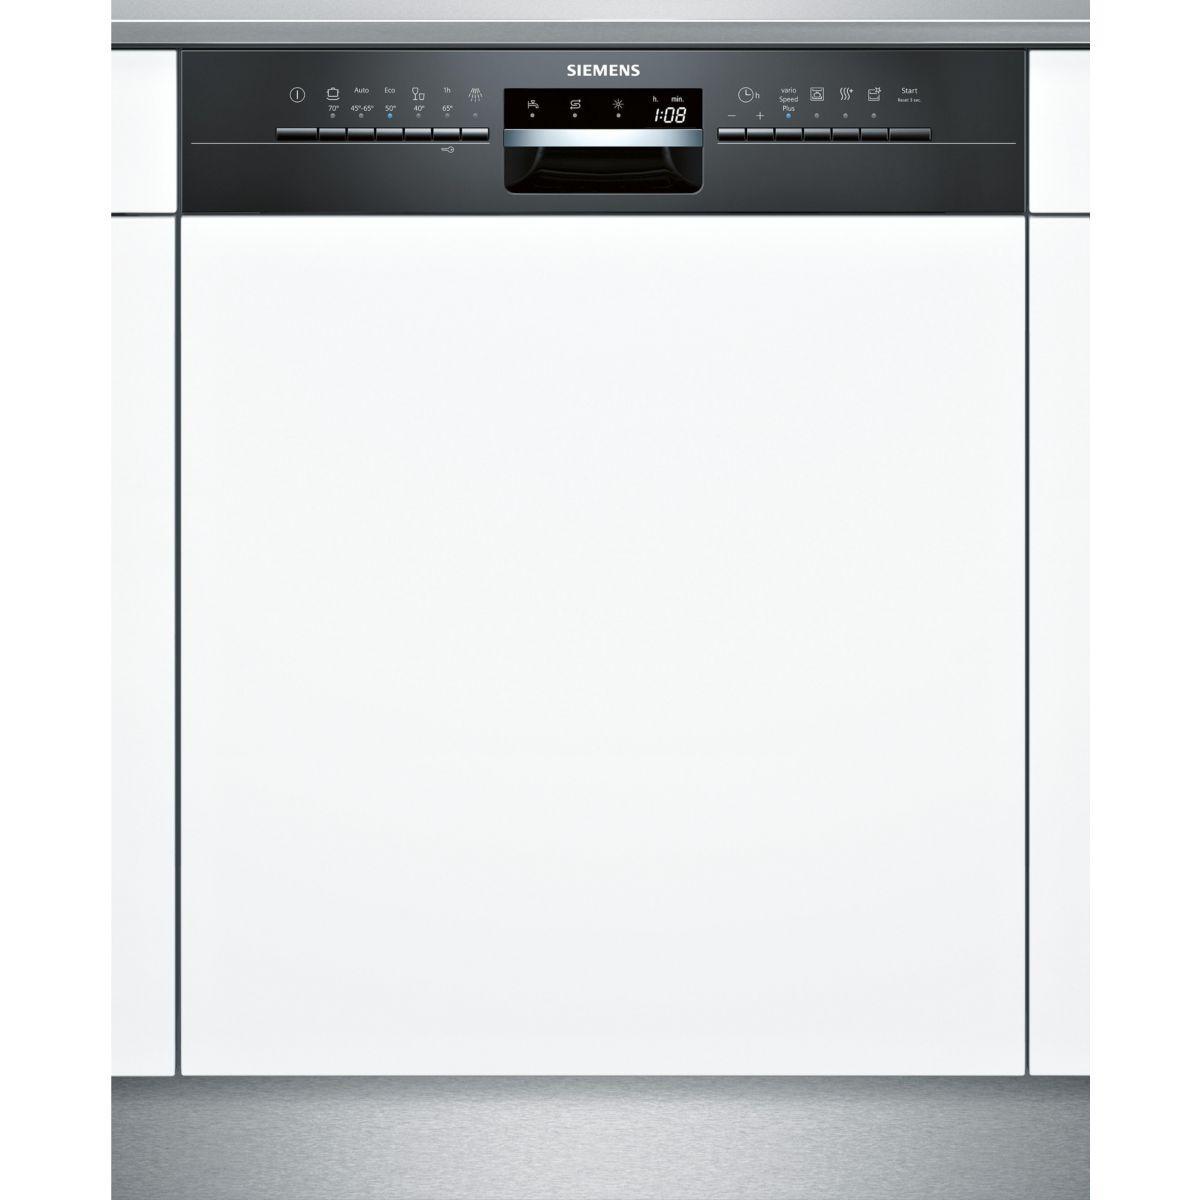 Lave vaisselle encastrable siemens sn536b03me - livraison offe...